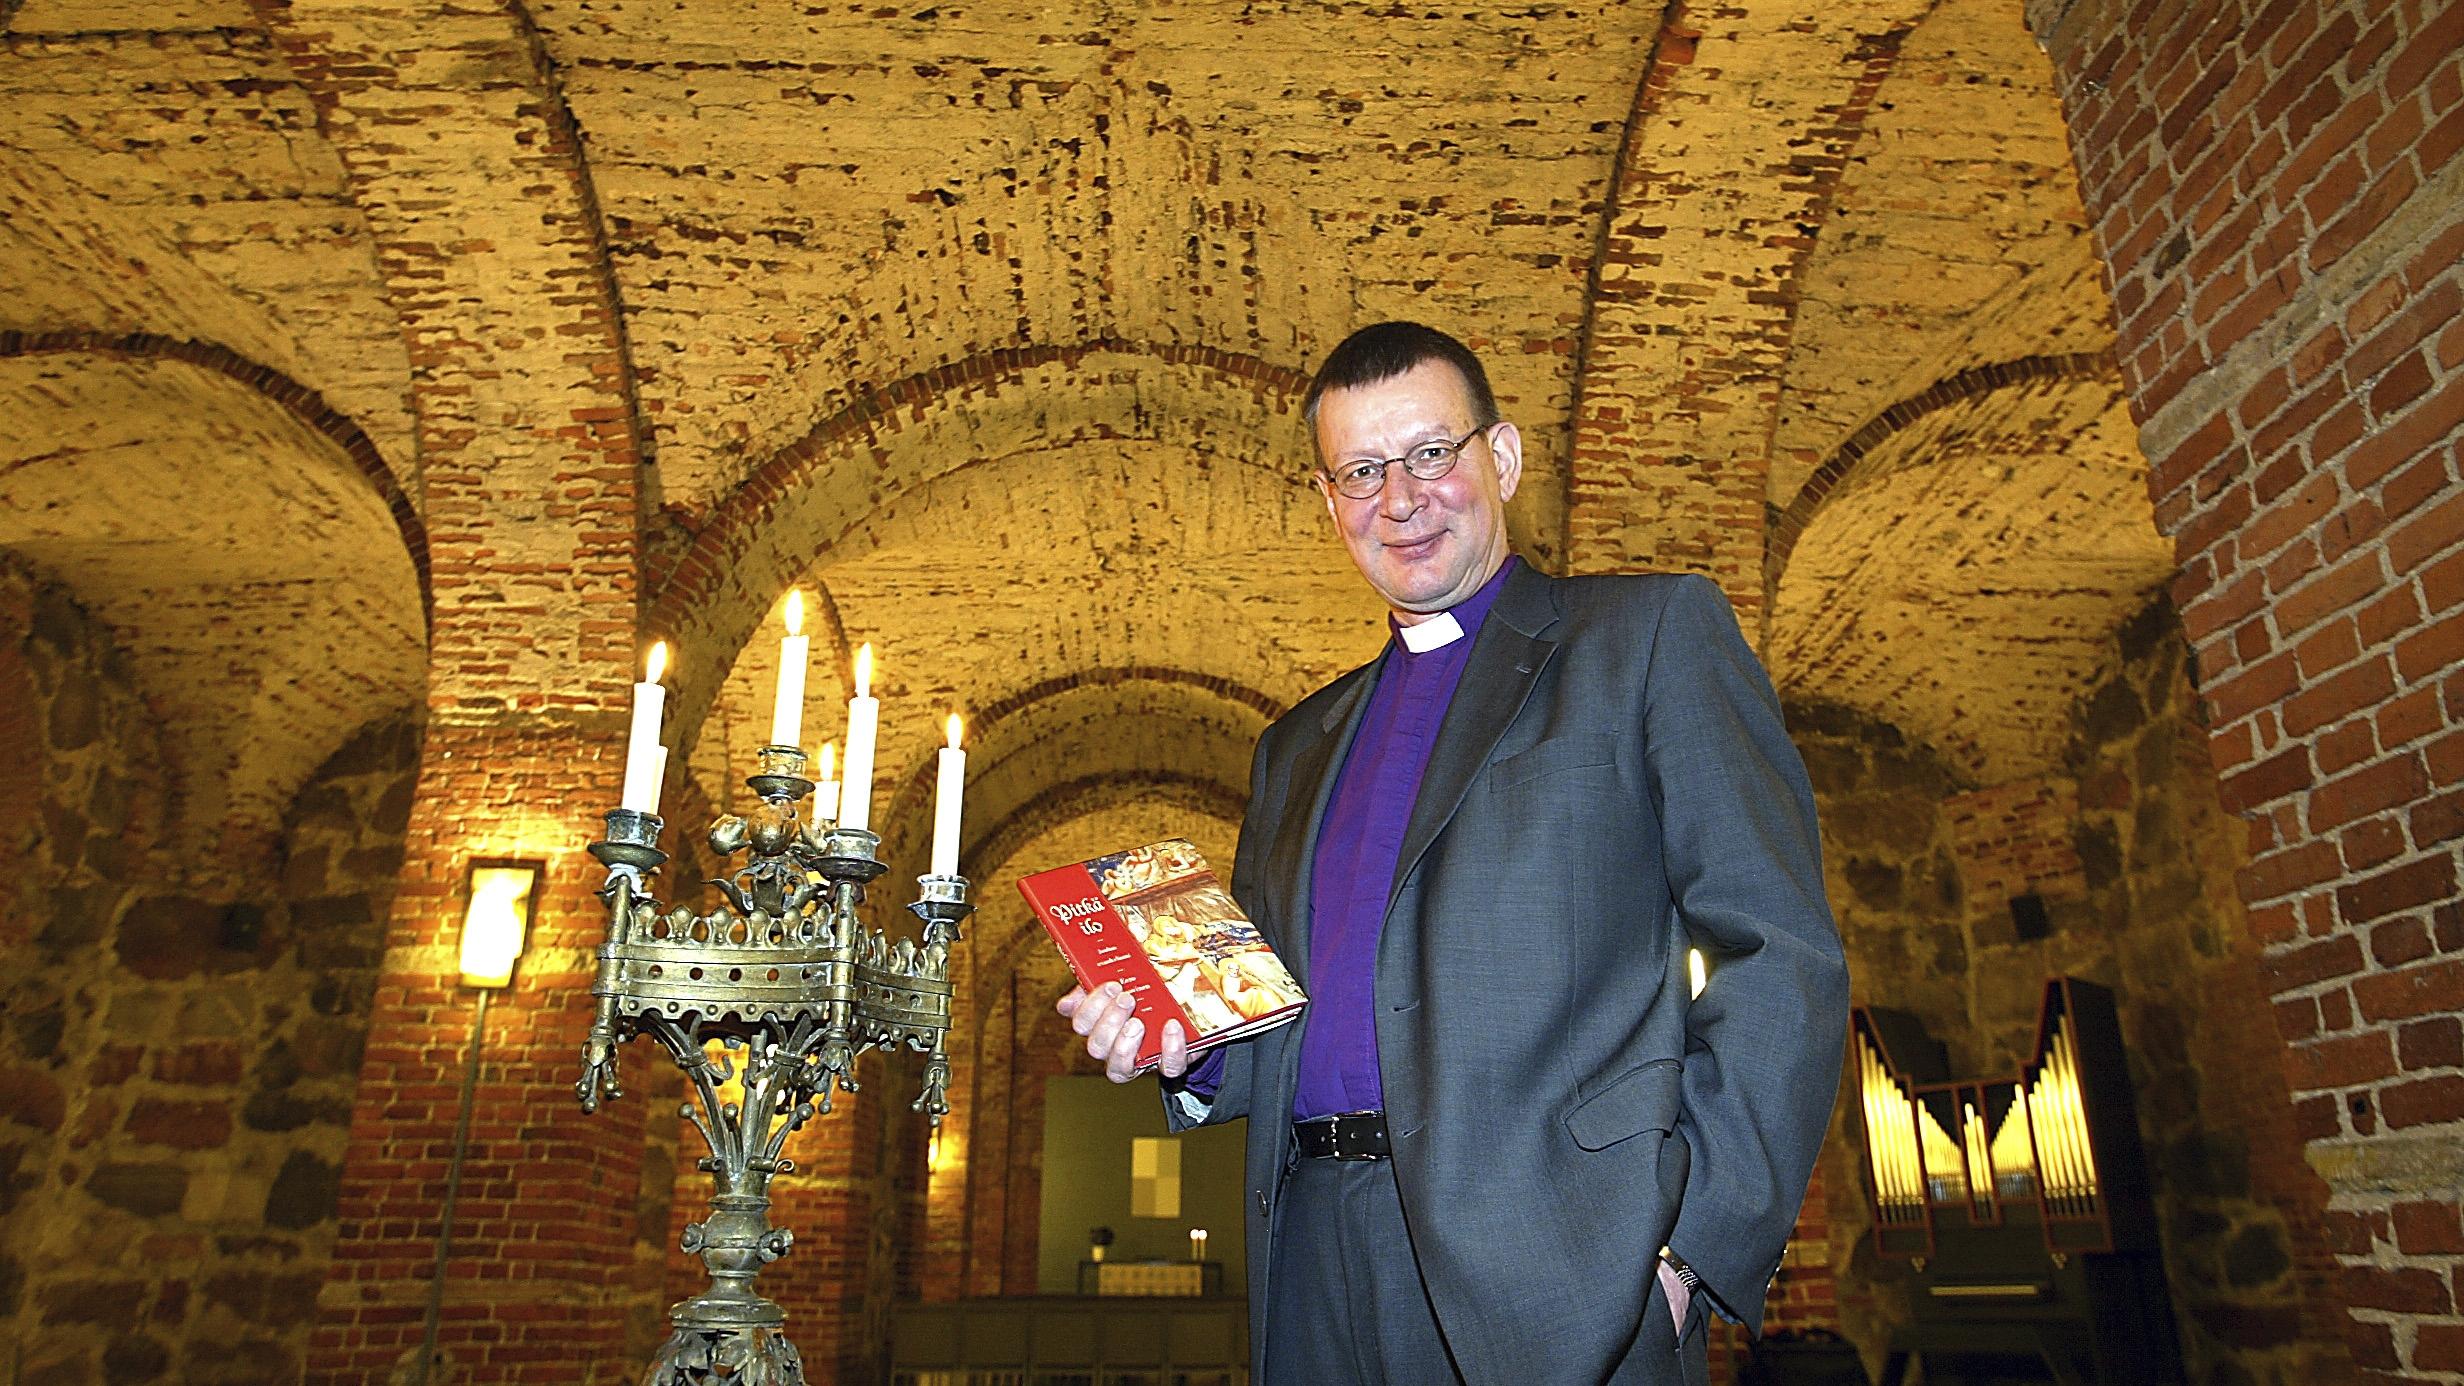 Eero Huovinen ehti kirjoittaa uransa aikana suuren määrän hengellistä kirjallisuutta. Yksi teoksista on nimeltään Pitkä ilo. Joulun evankeliumi.